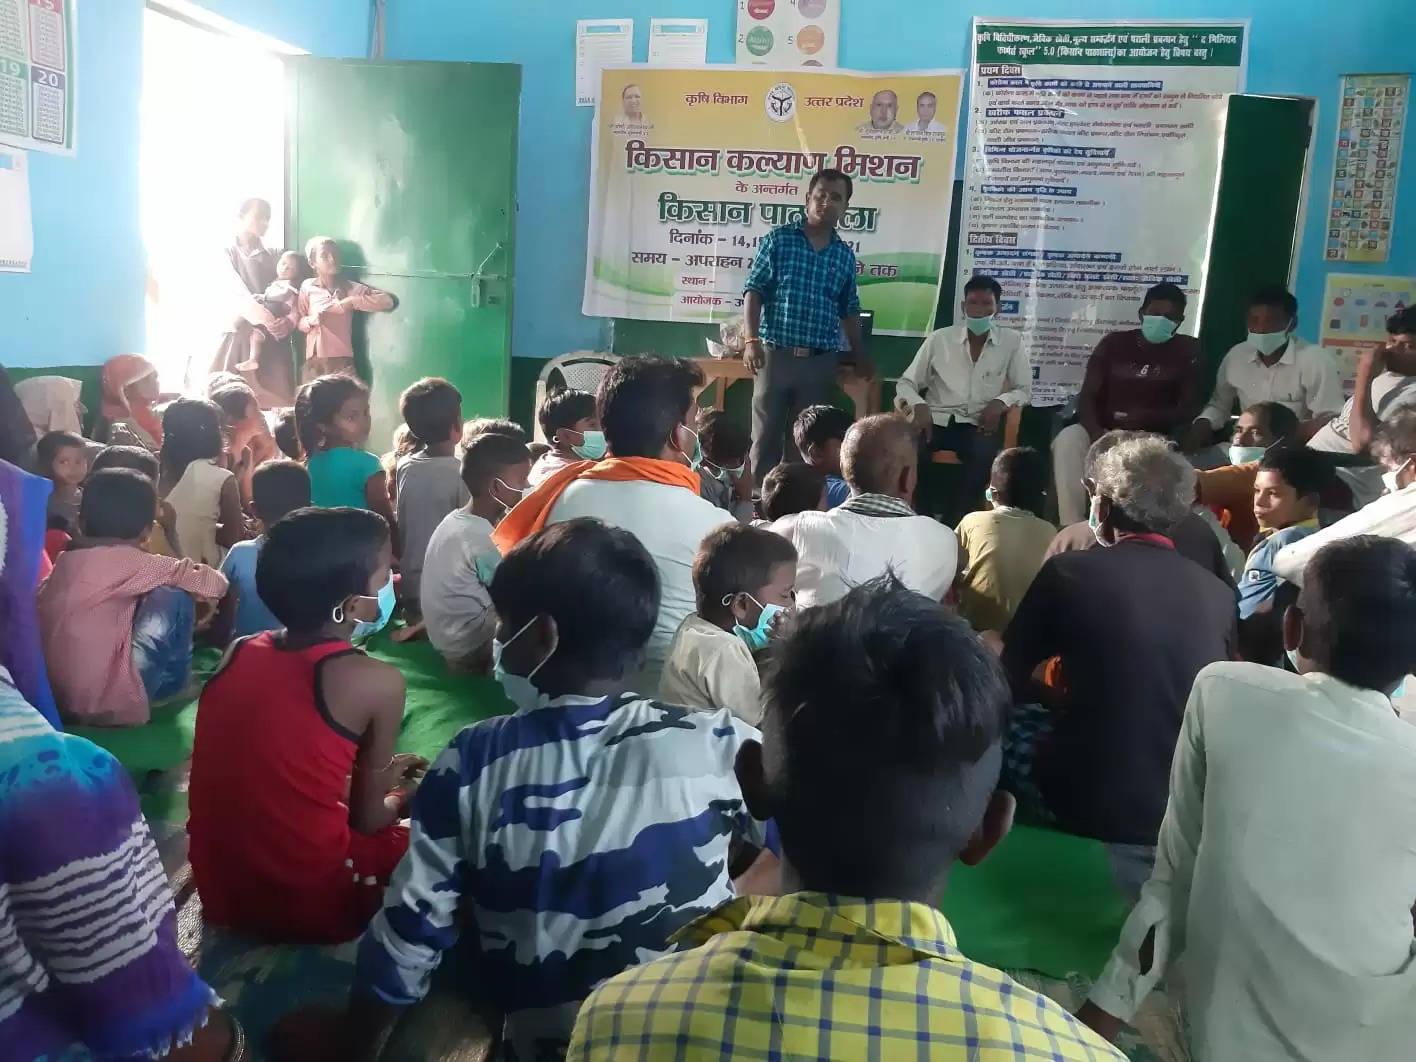 कृषि विभाग द्वारा दो दिवसीय किसान पाठशाला का हुआ आयोजन